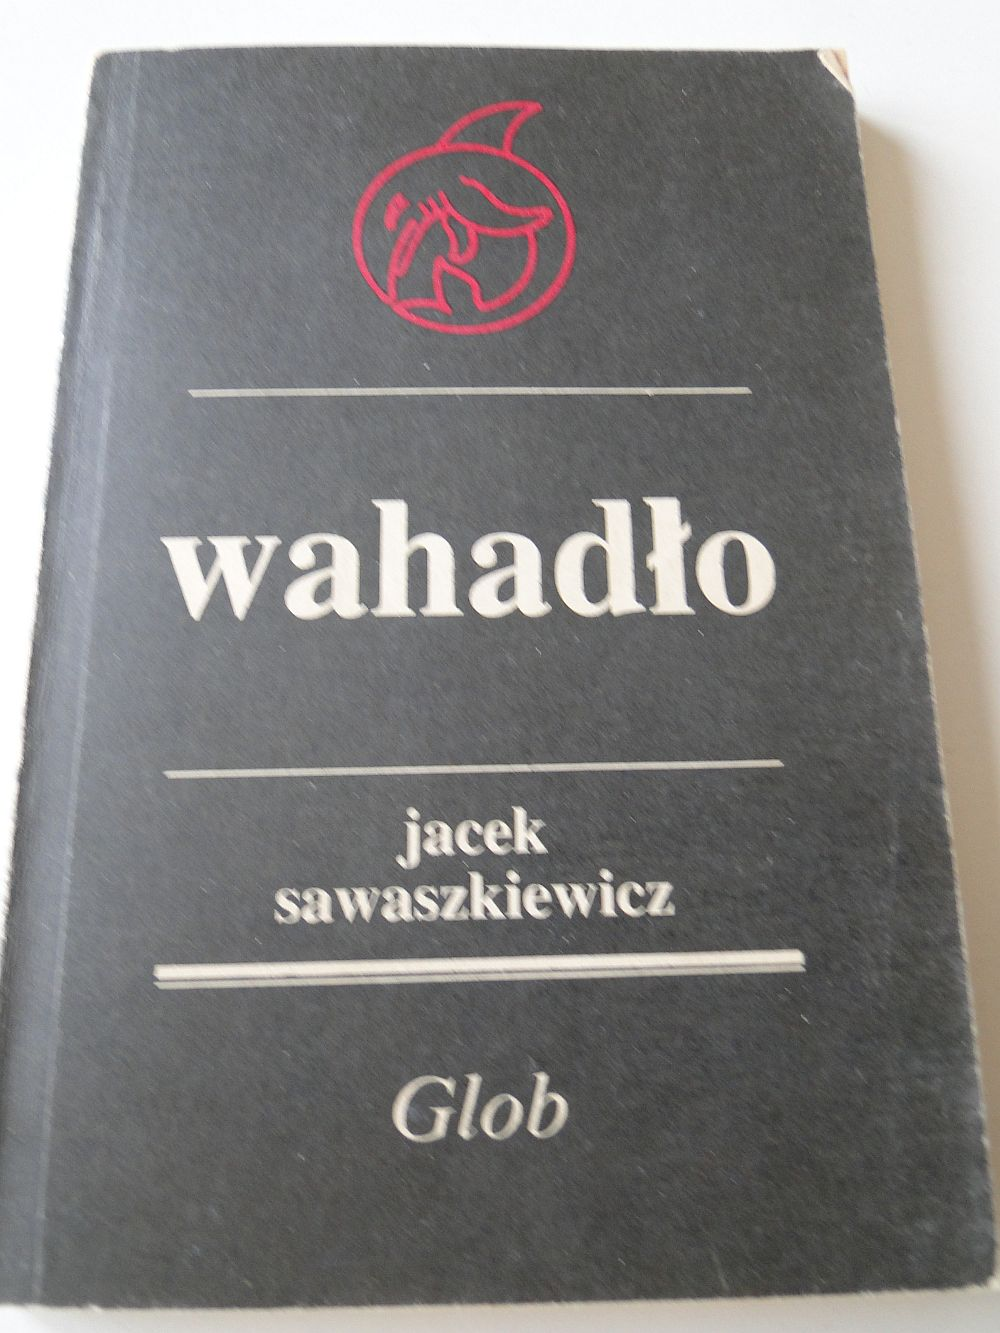 Wahadło Jacek Sawaszkiewicz